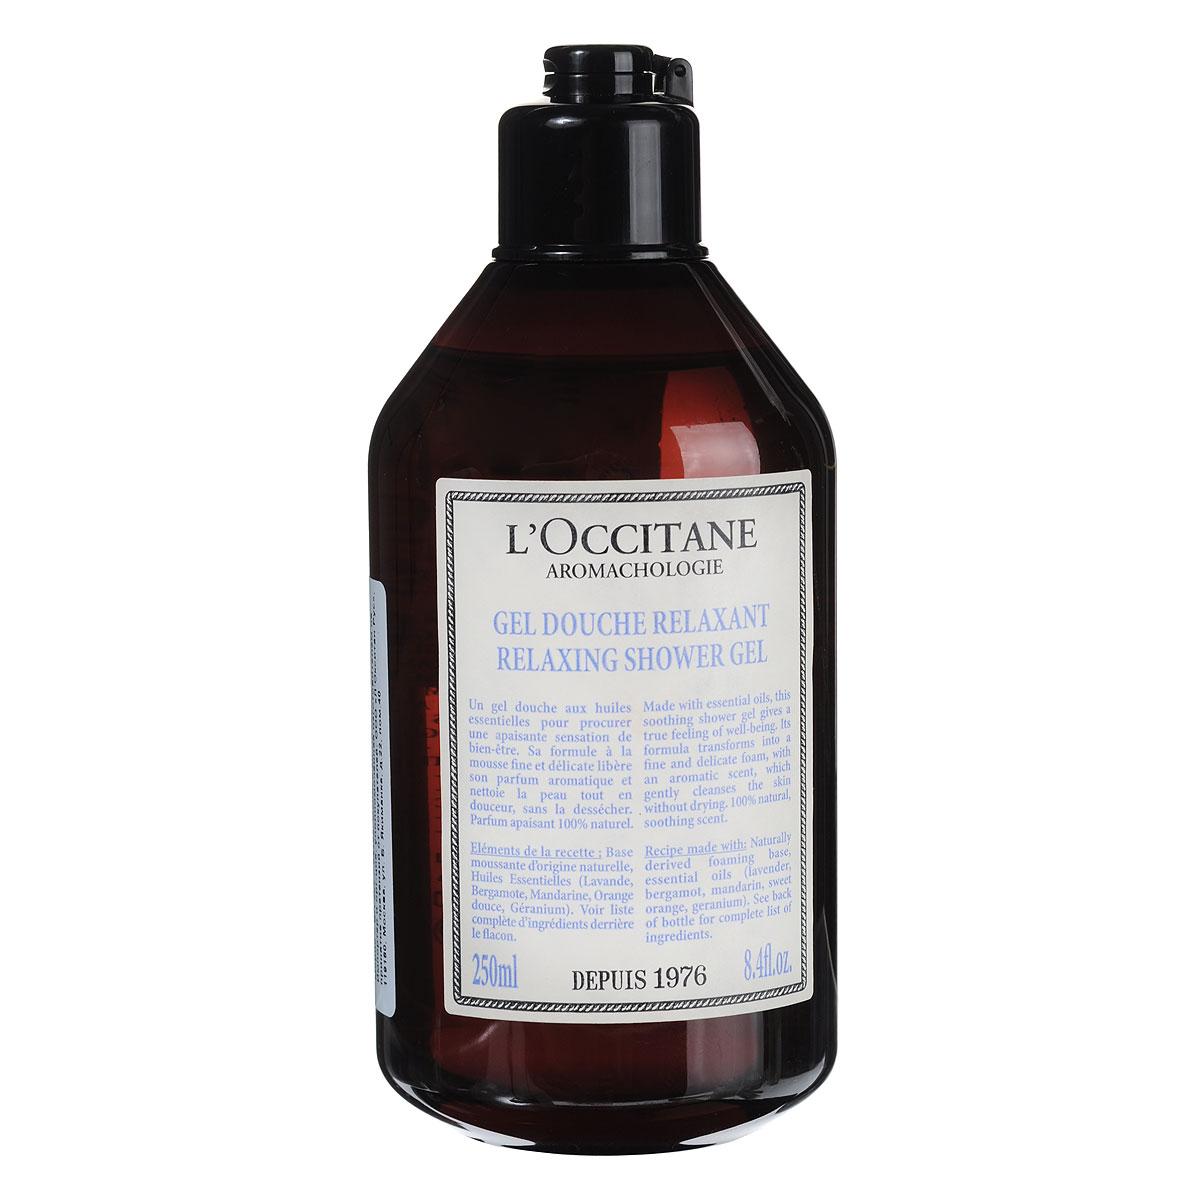 LOccitane Гель для ванн и душа Аромакология, расслабляющий, 250 млFS-00897Этот успокаивающий гель для душа дарит отличное самочувствие и настроение.Формула без сульфатов мягко очищает кожу, а натуральный аромат помогает полностью расслабиться.Товар сертифицирован.